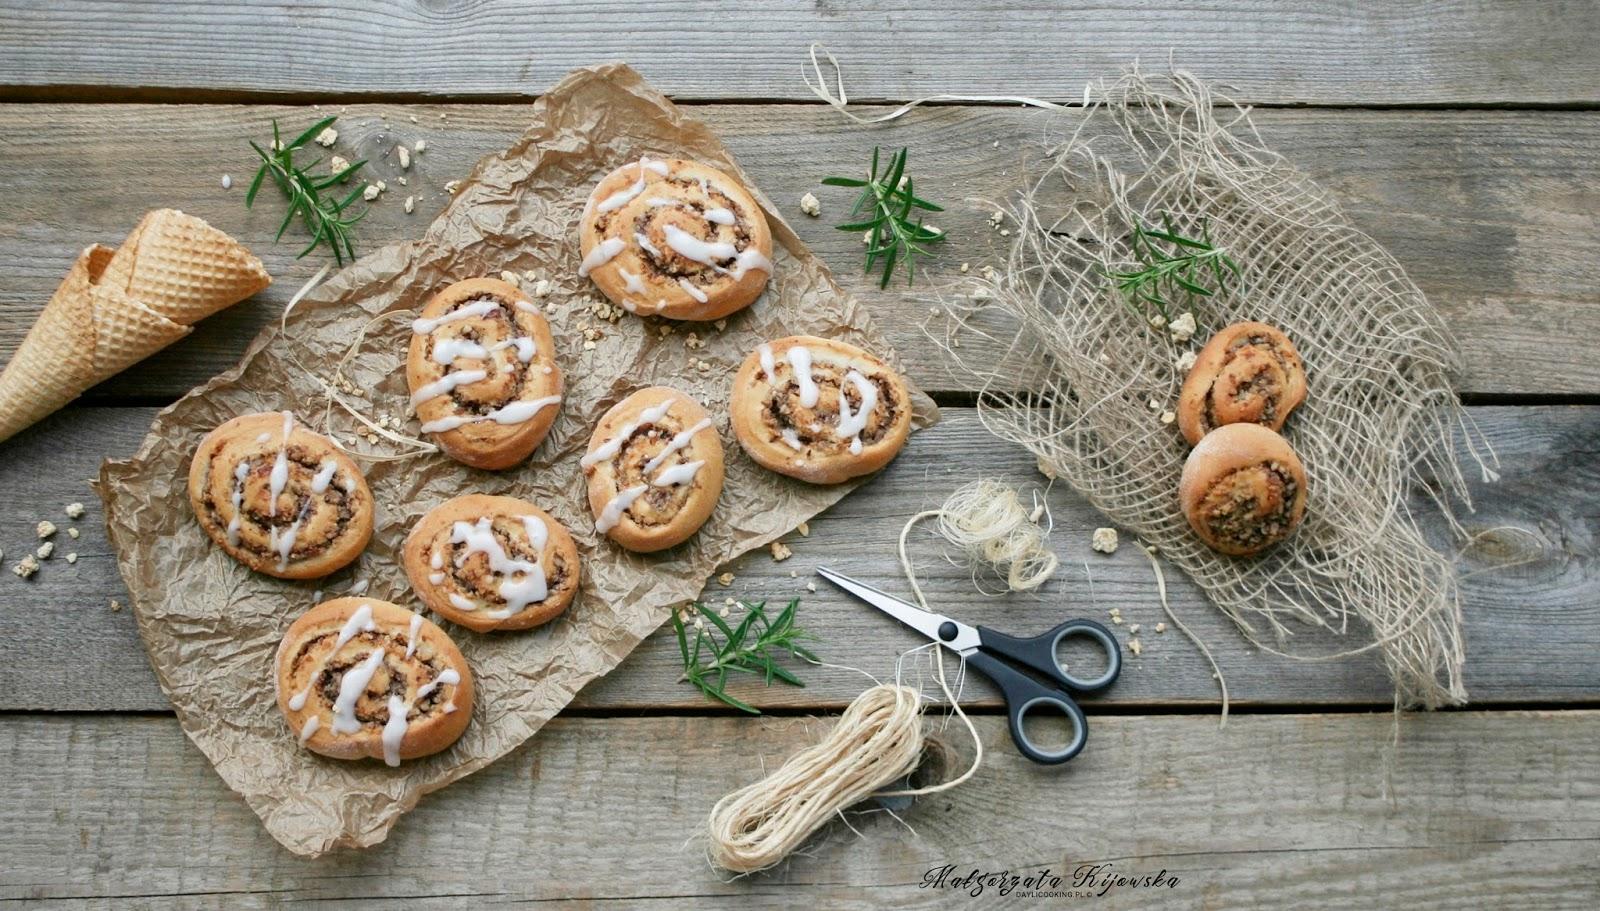 ciasto drożdżowe, drożdżowiec, z orzechami, orzechy, masa orzechowa, daylicooking, Małgorzata Kijowska